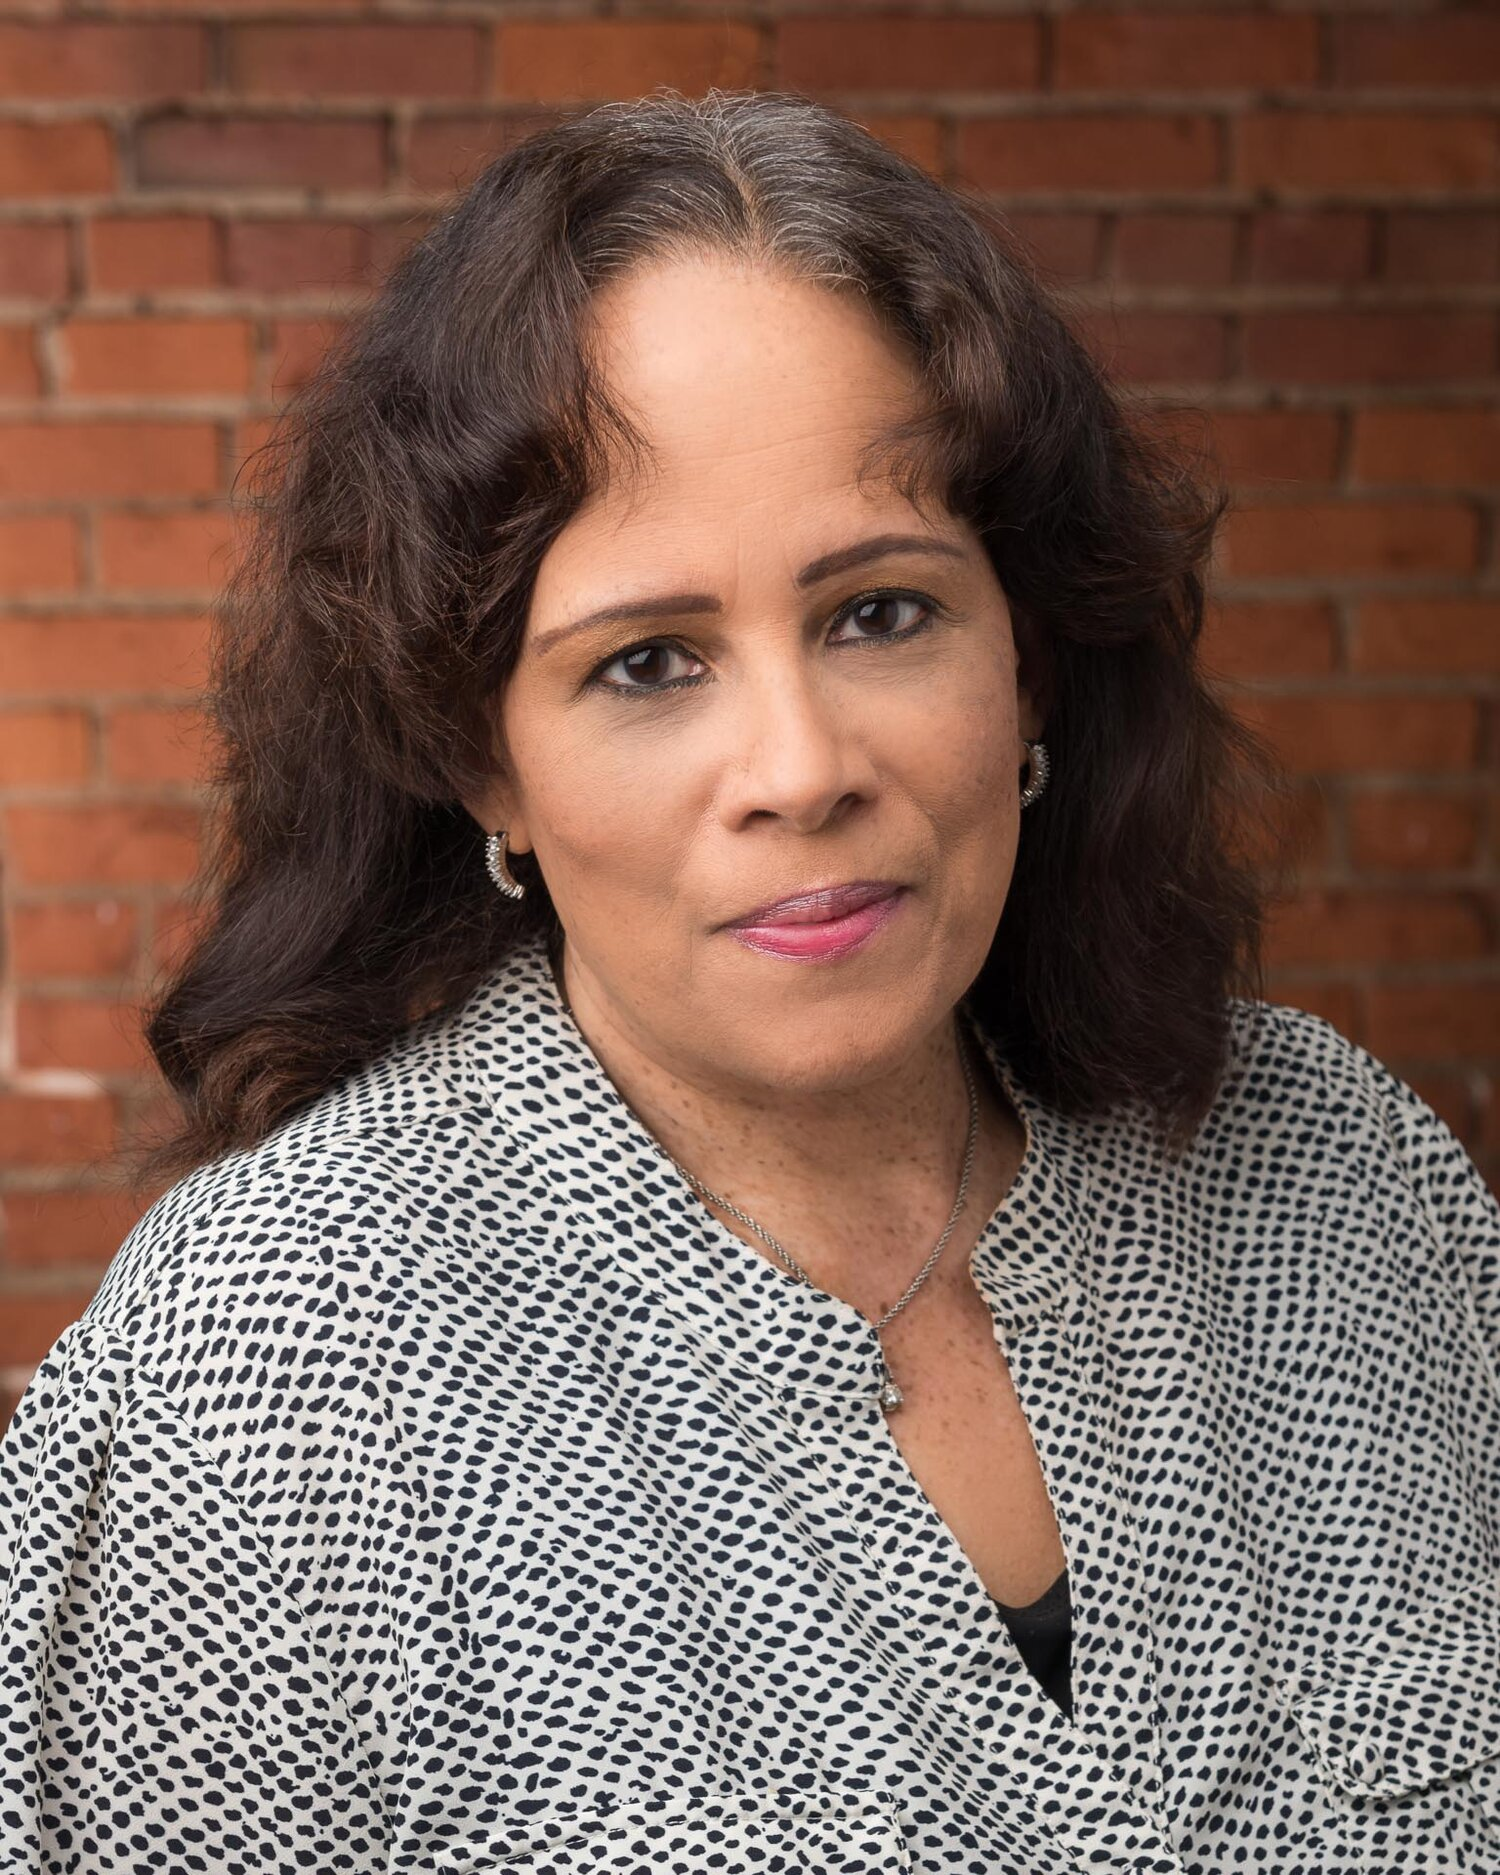 Deborah Collier - Administrative Assistant